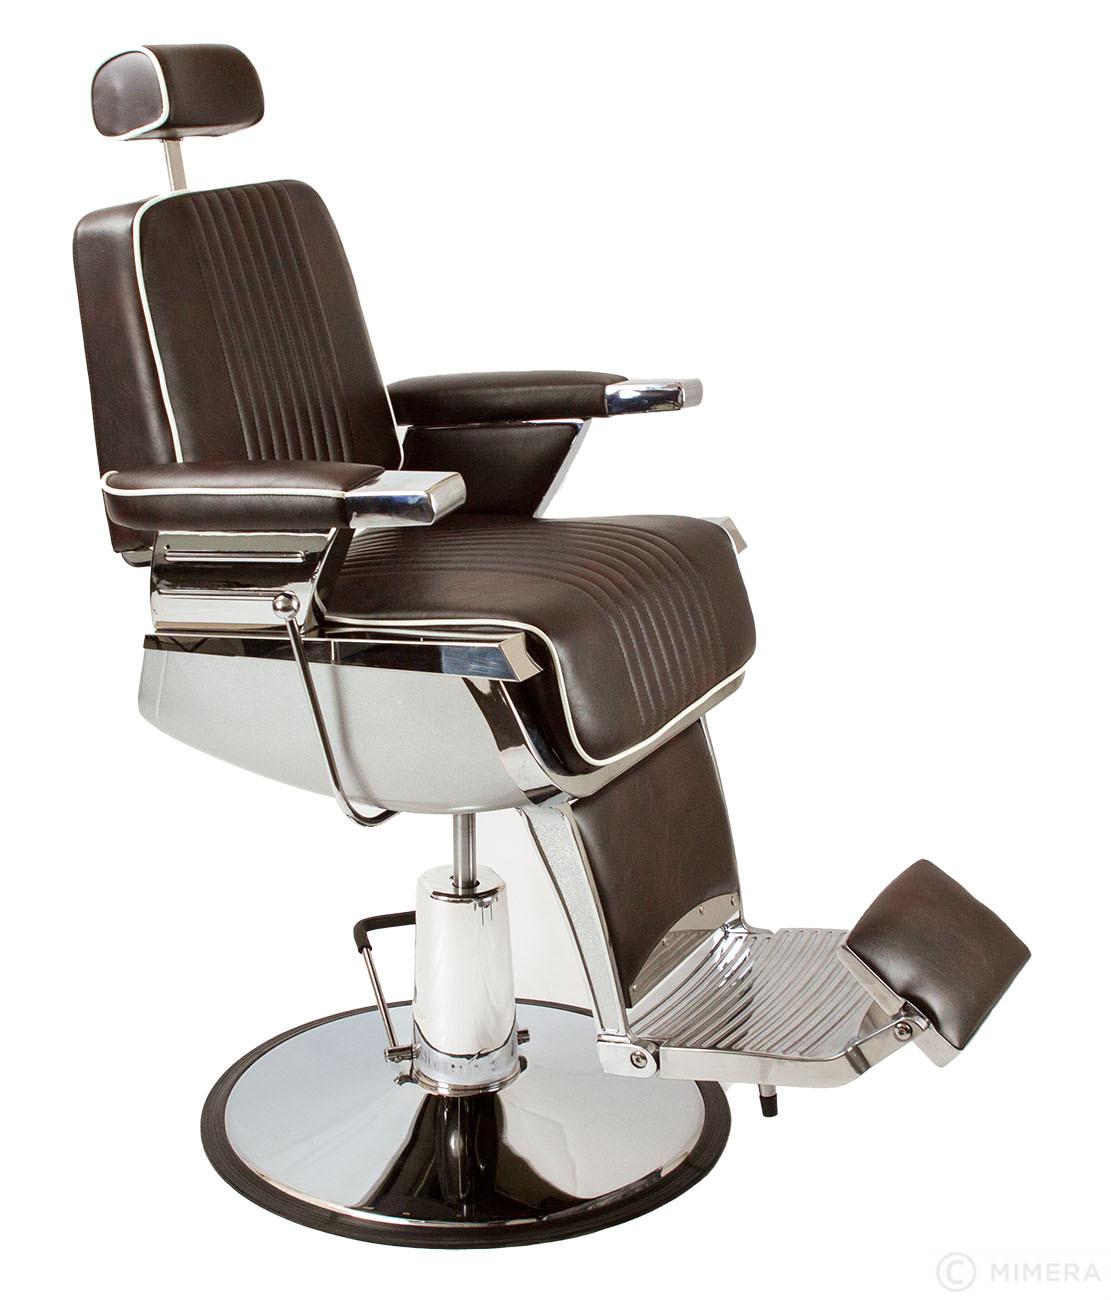 Barber křeslo GRECO - hnědo-černé lesklé